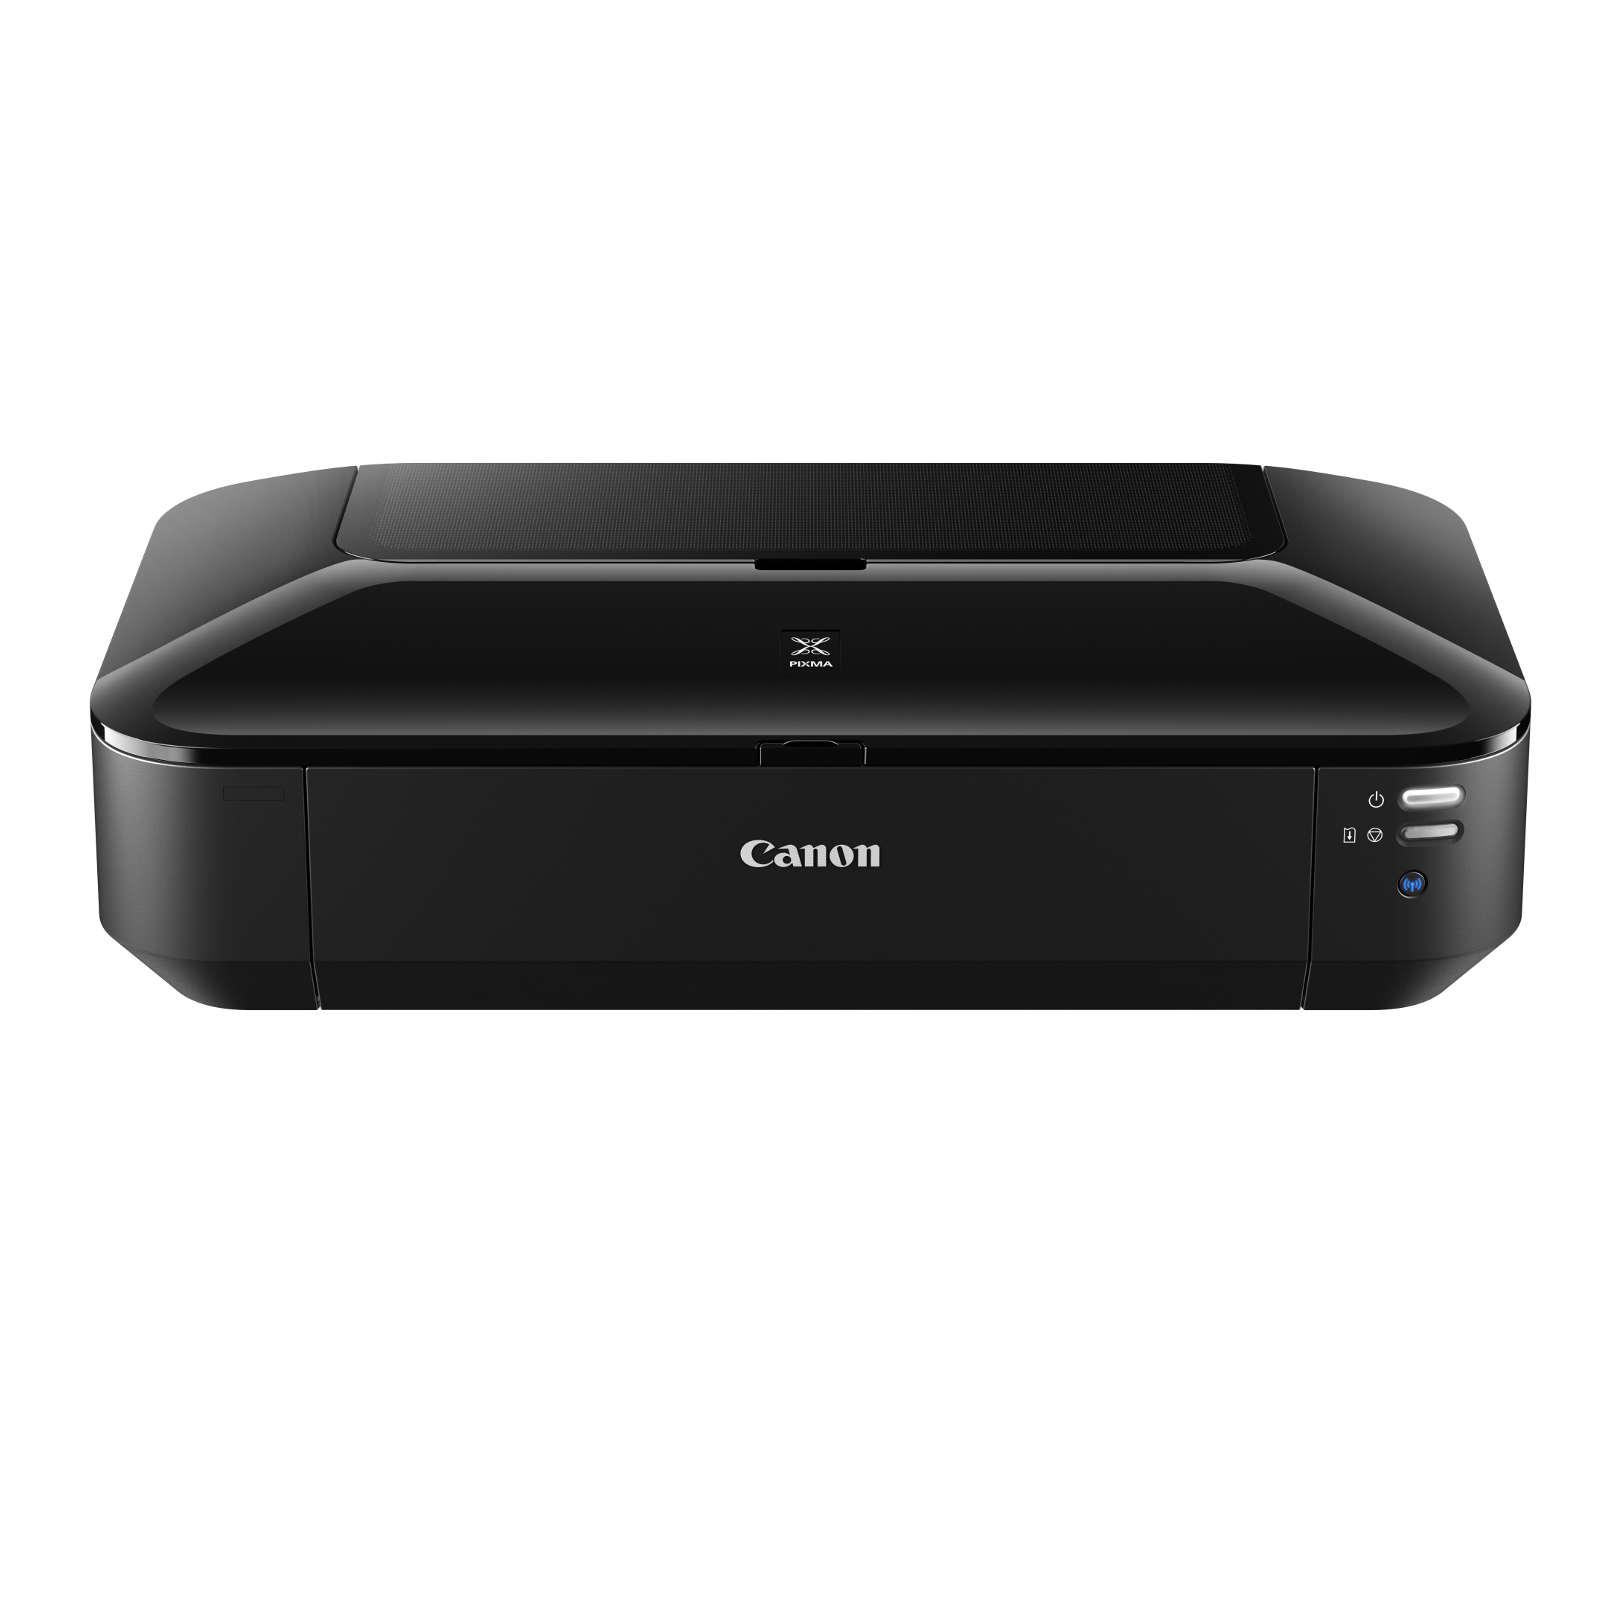 canon pixma ix6850 8747b006 achat vente imprimante jet d 39 encre sur. Black Bedroom Furniture Sets. Home Design Ideas